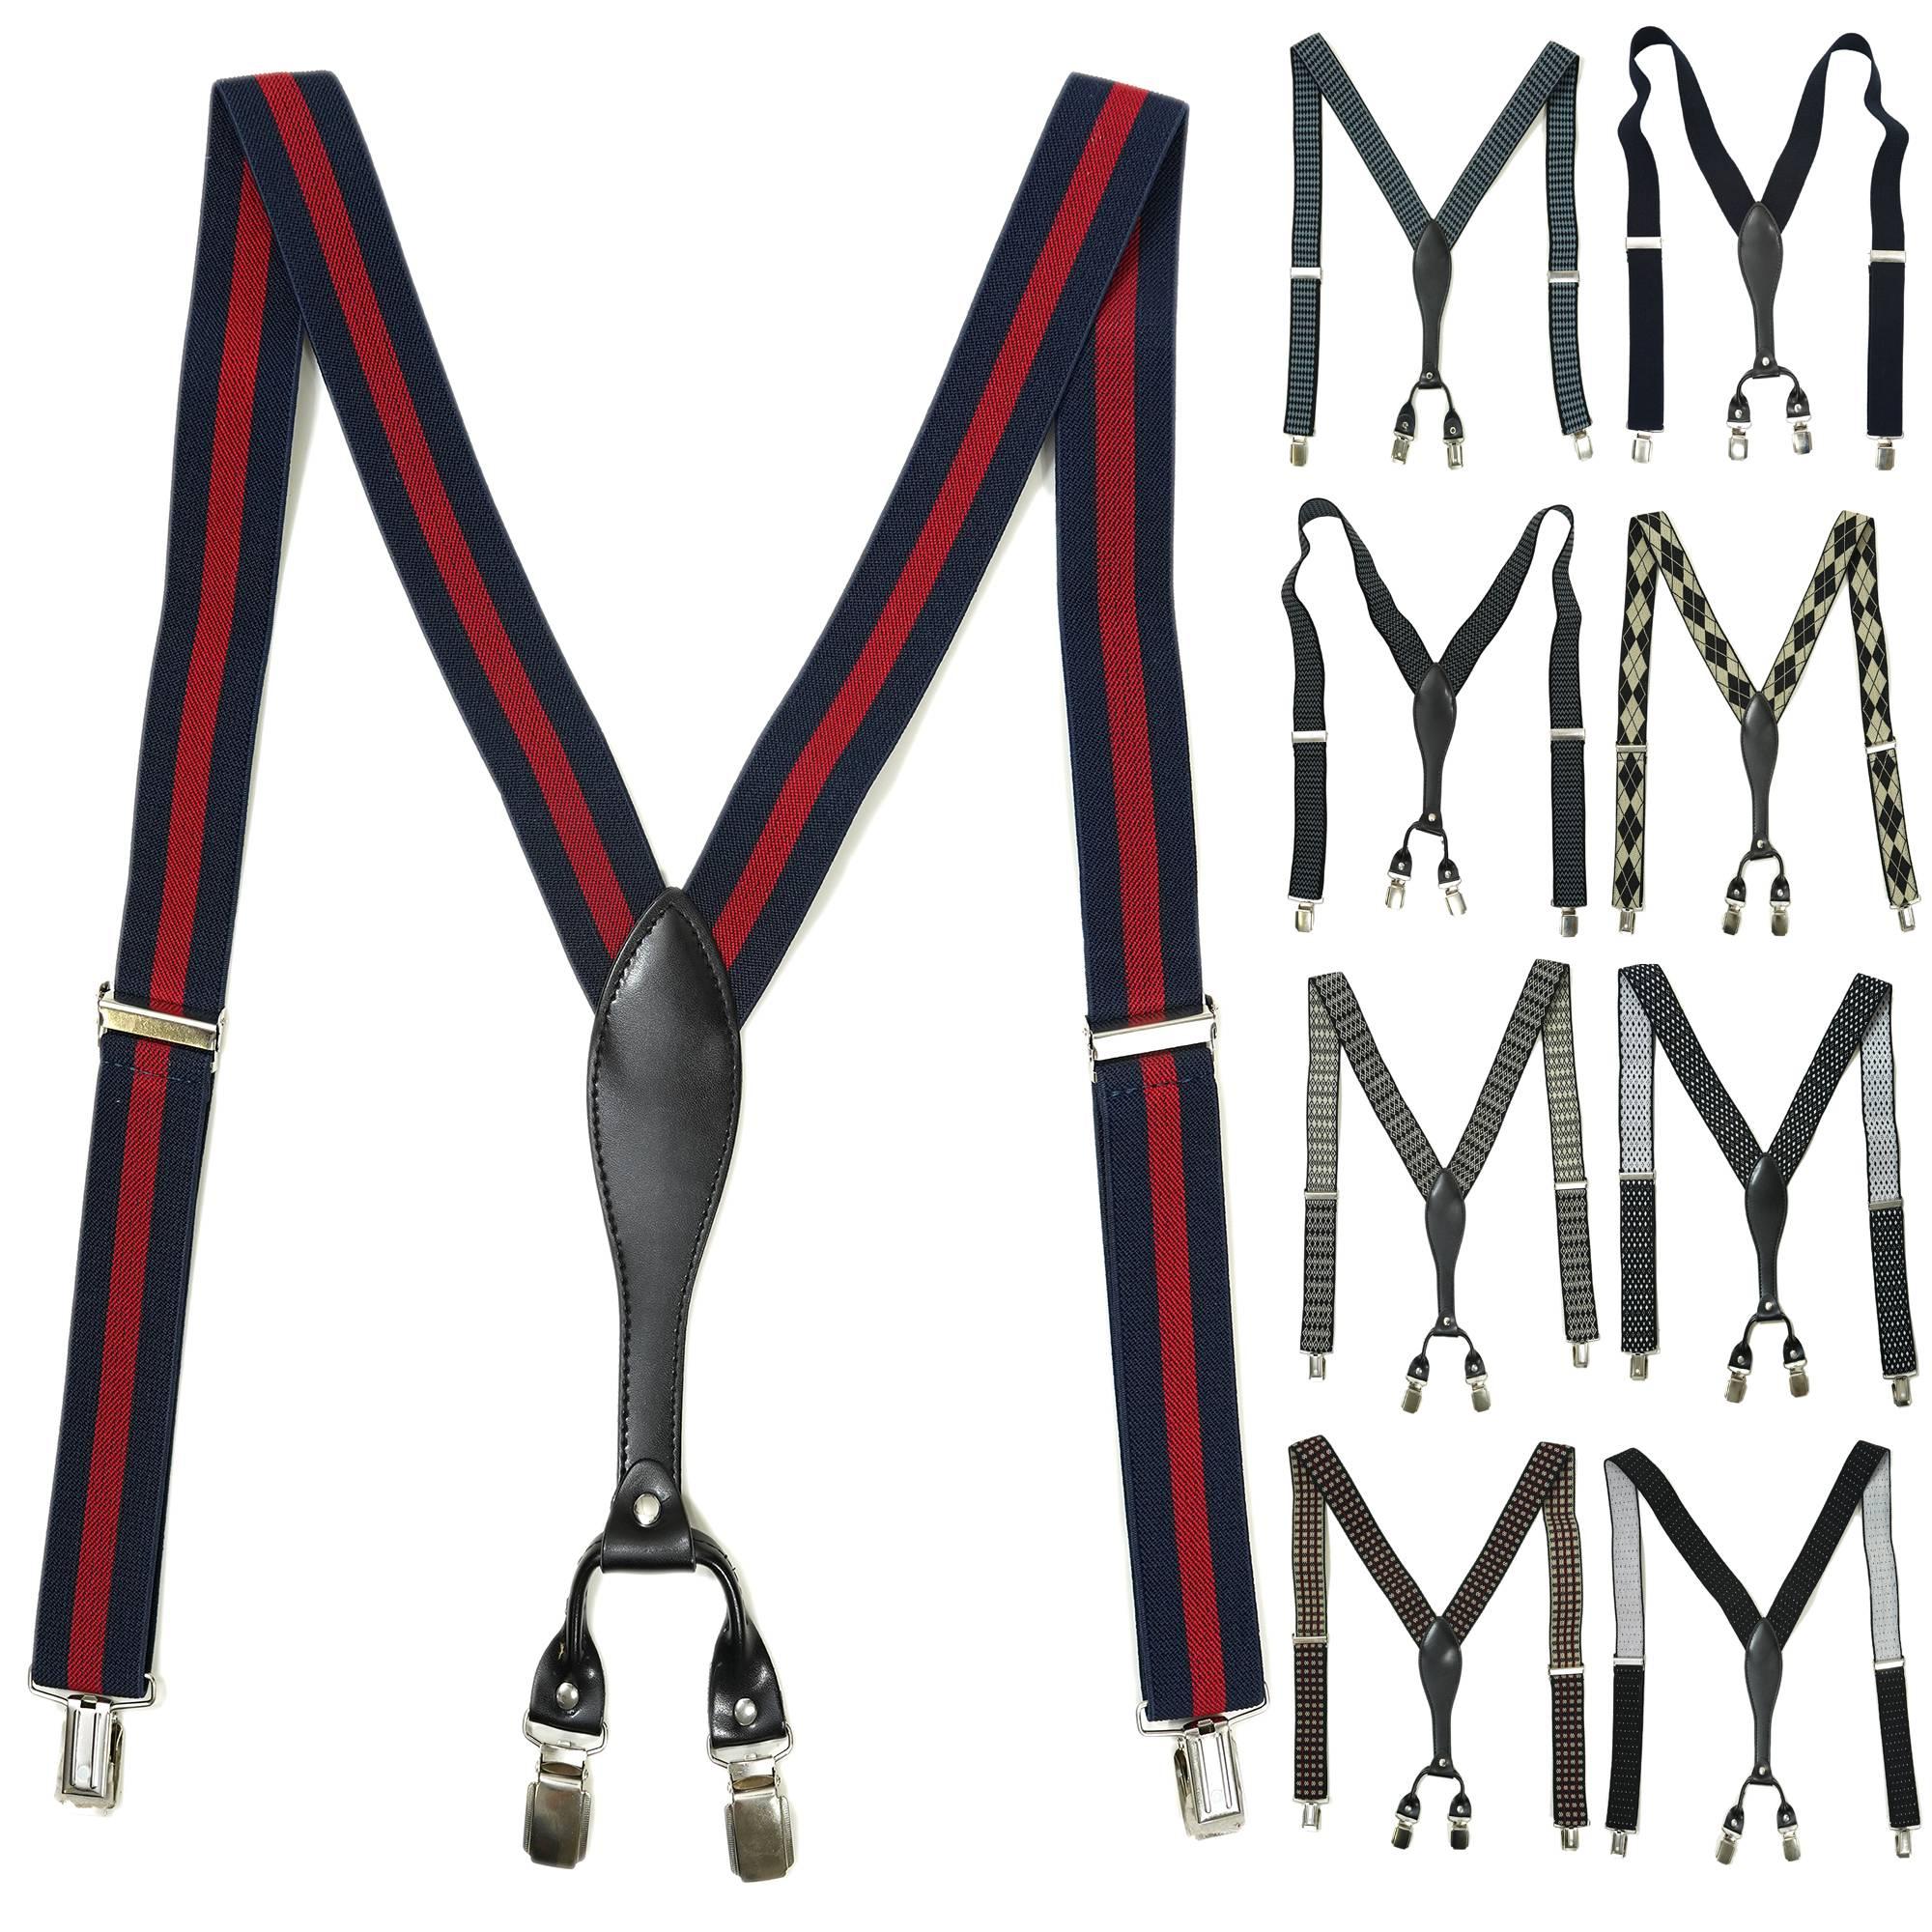 Bretelle da uomo elastiche larghezza 25 mm regolabili con clip extra forti